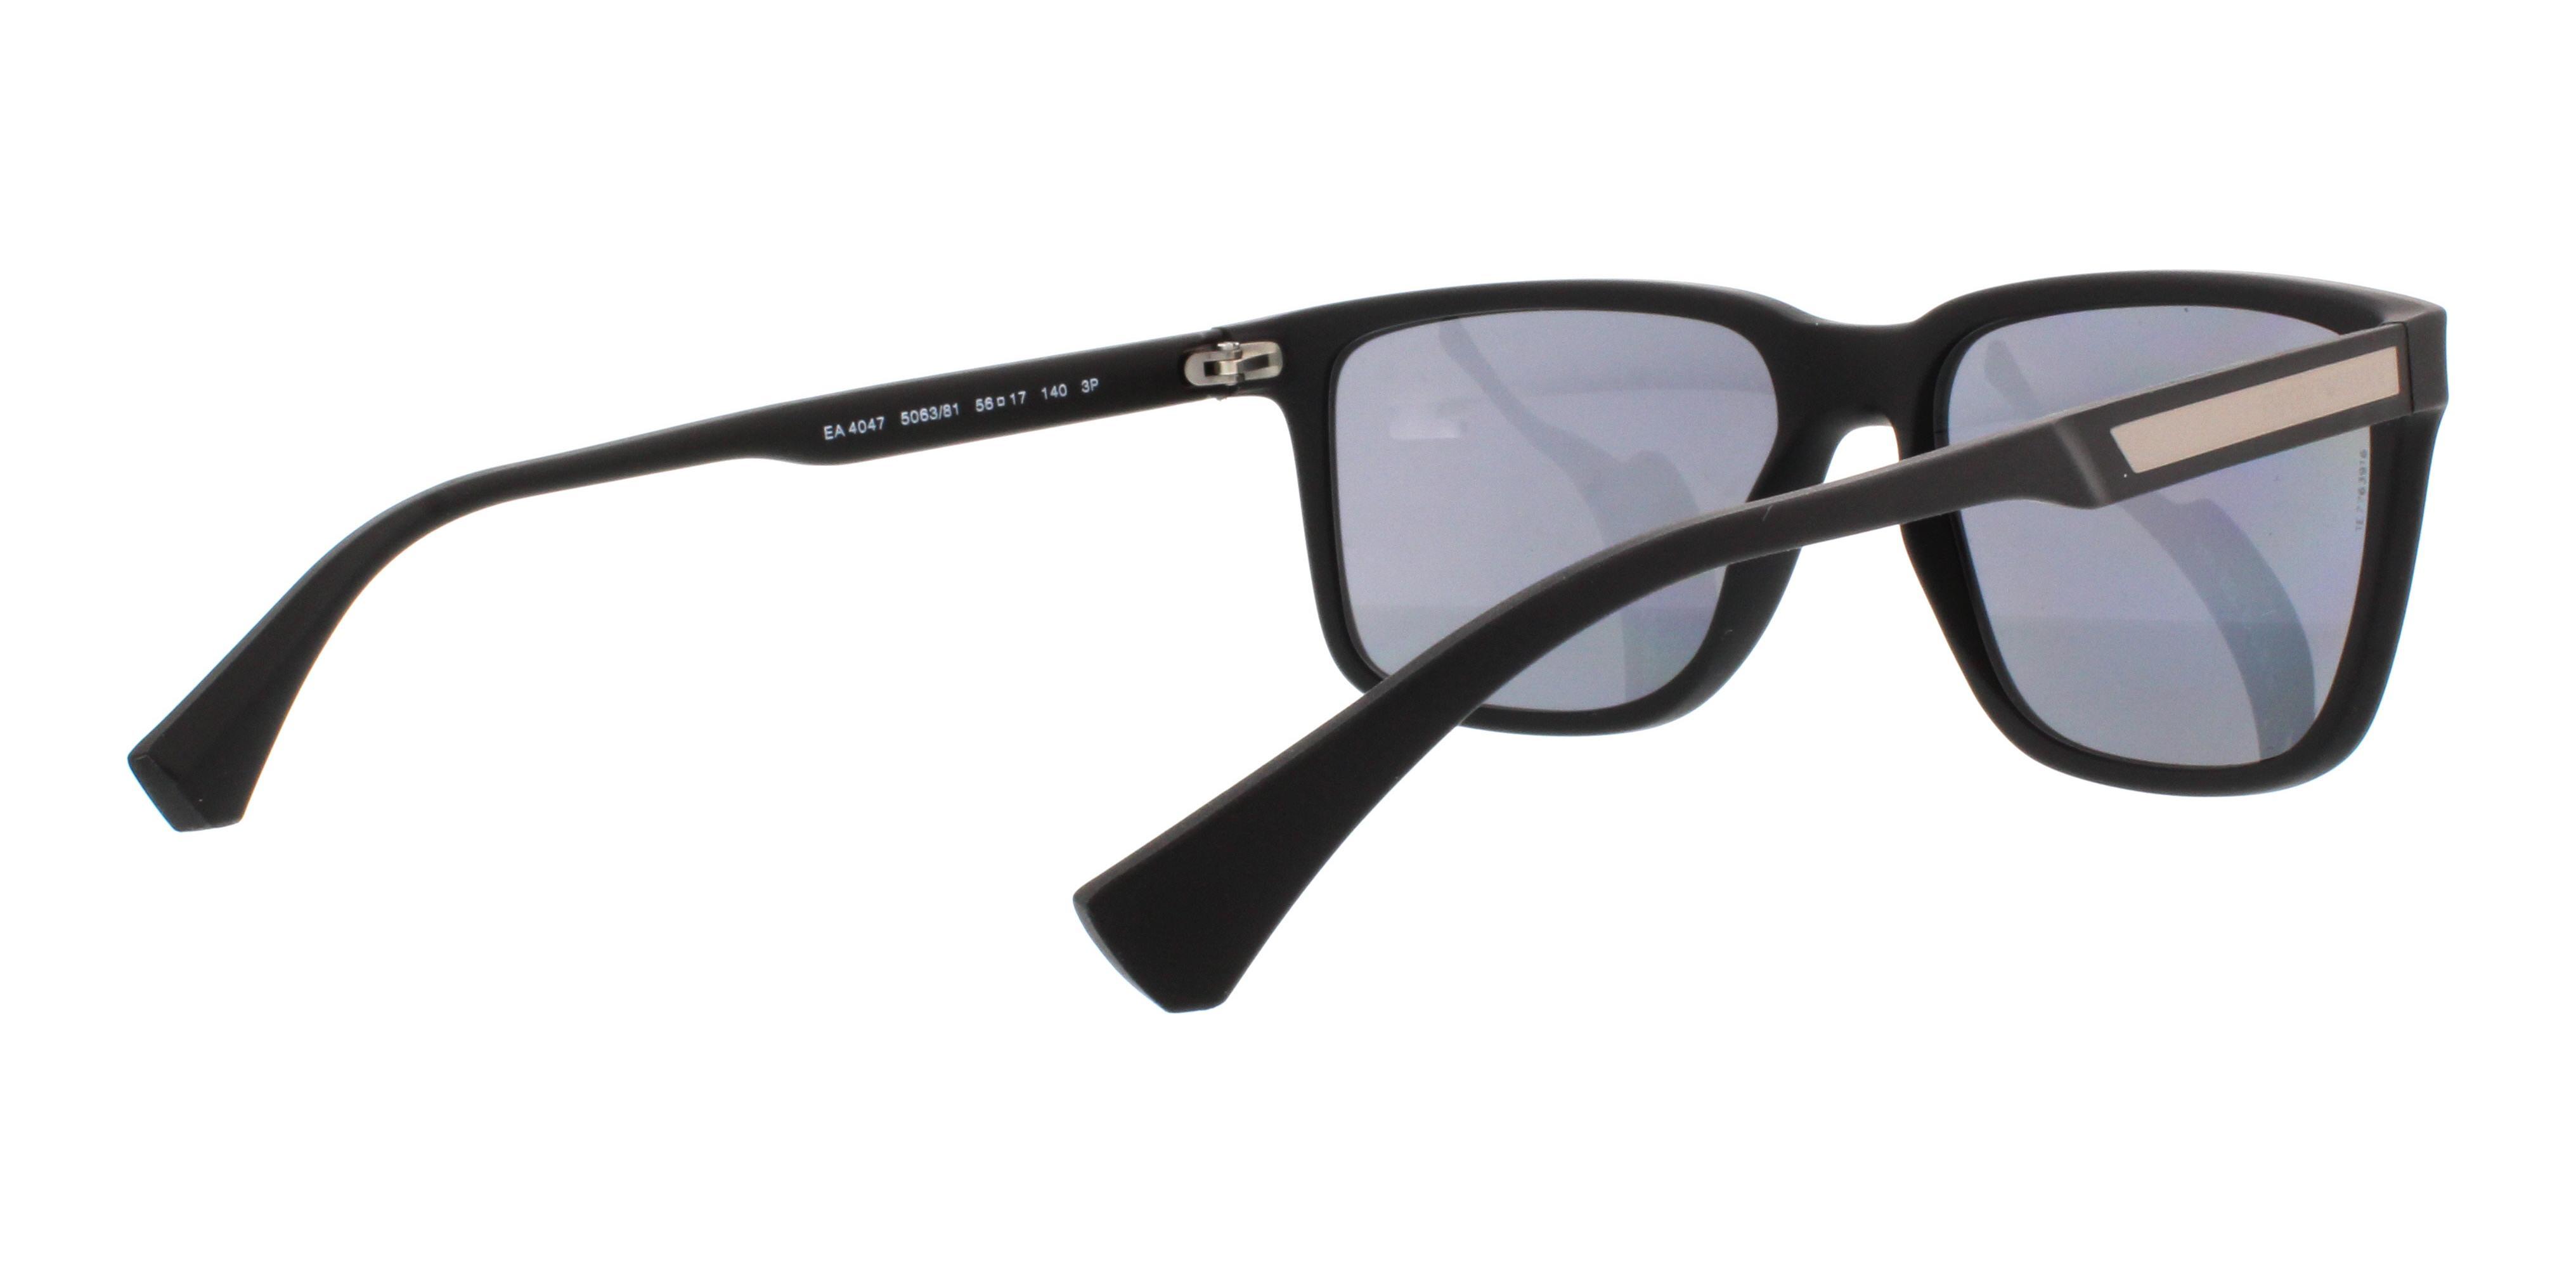 25034758fc4f Designer Frames Outlet. Emporio Armani EA4047